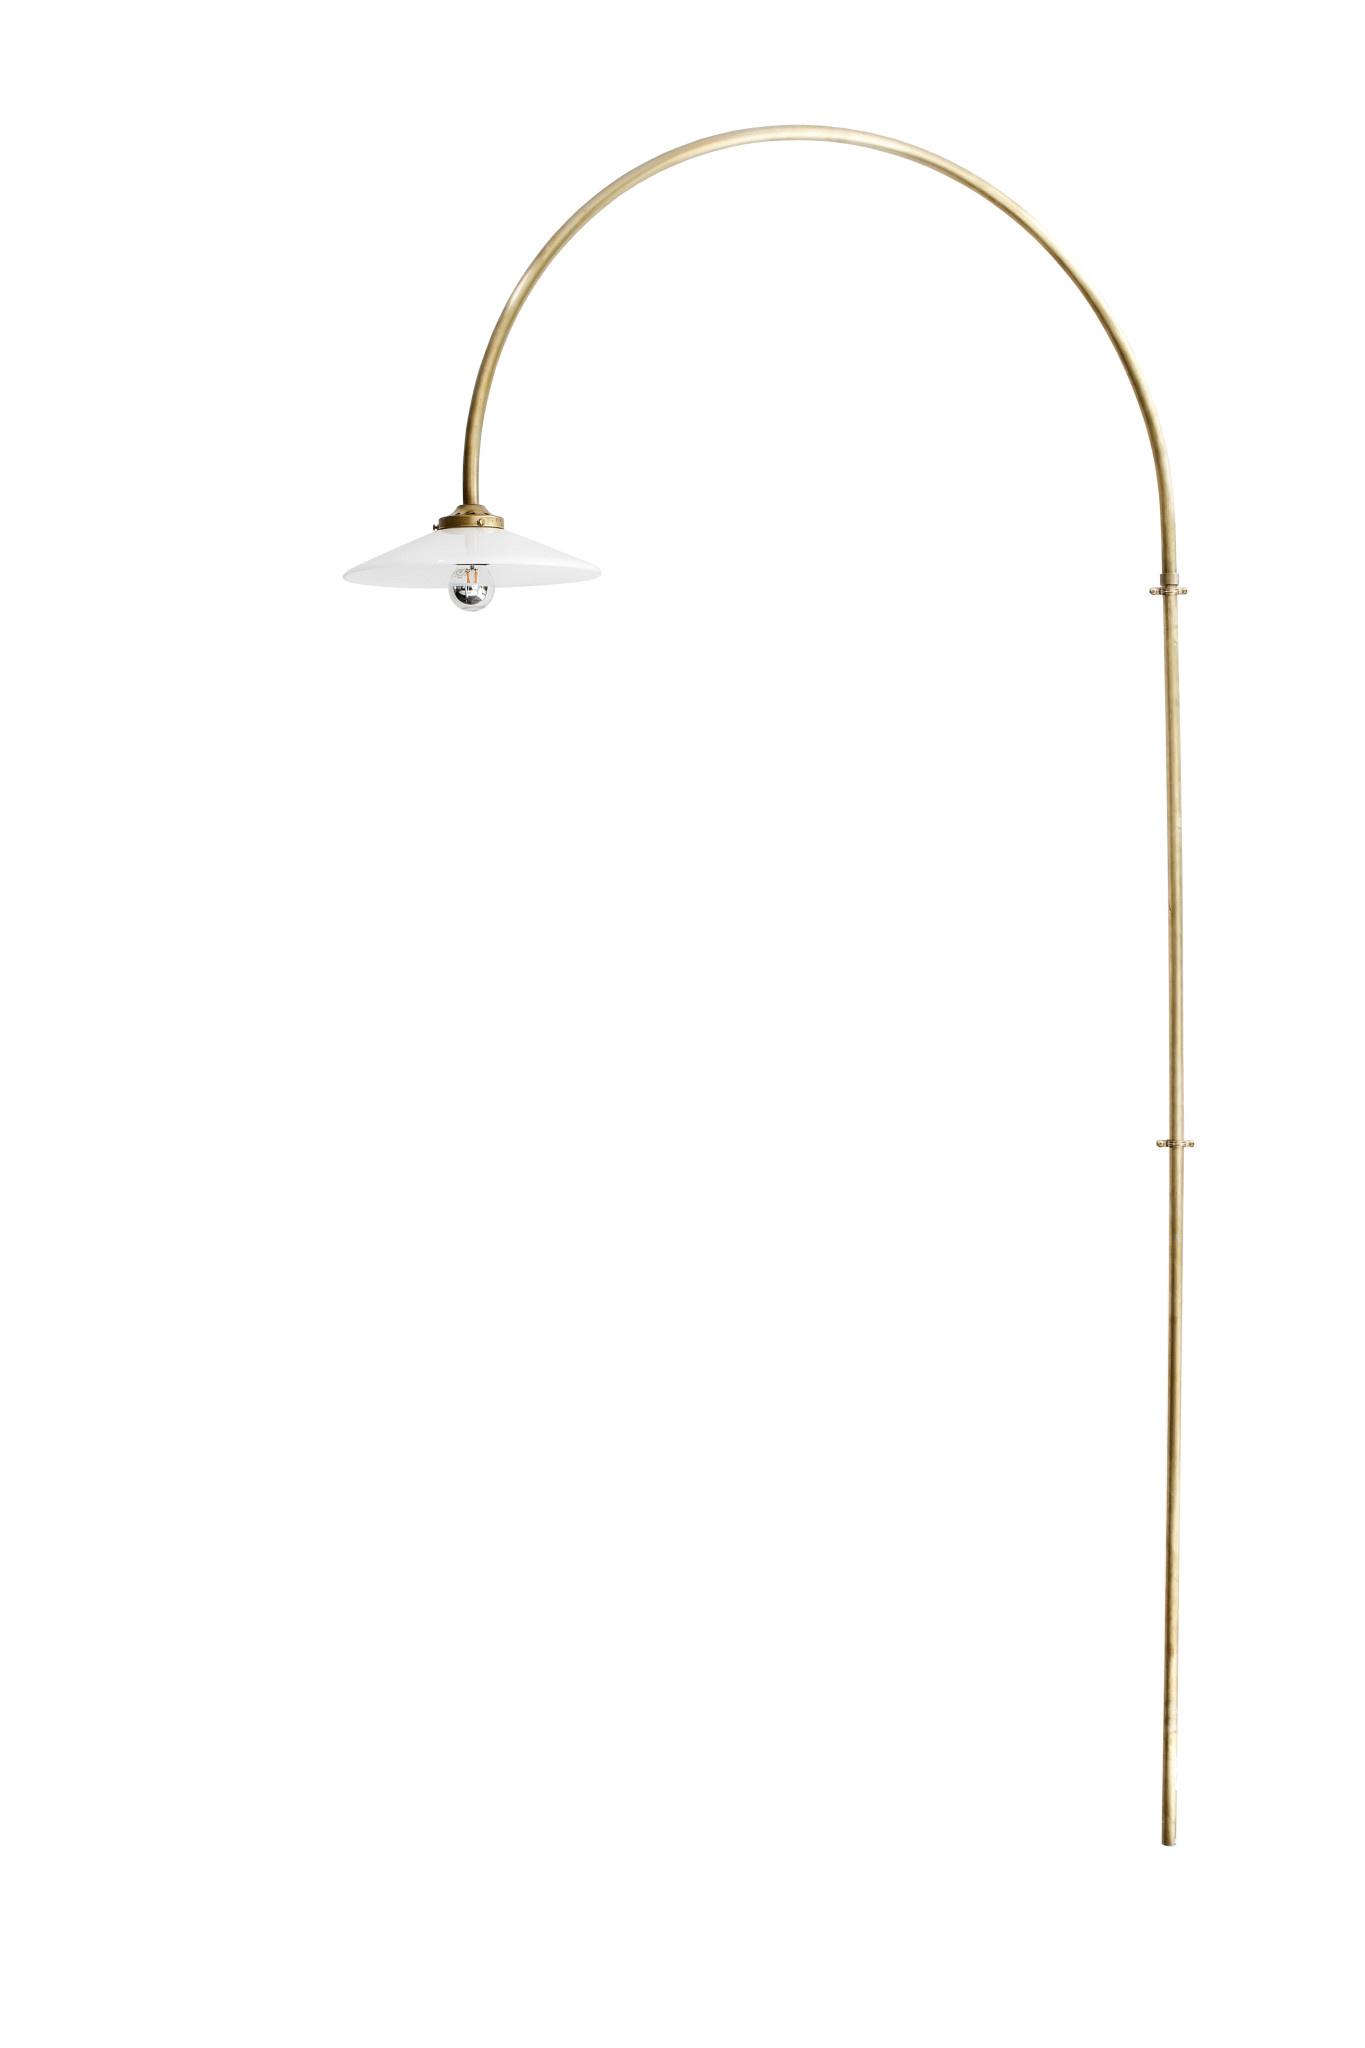 Hanging Lamp No. 2-1